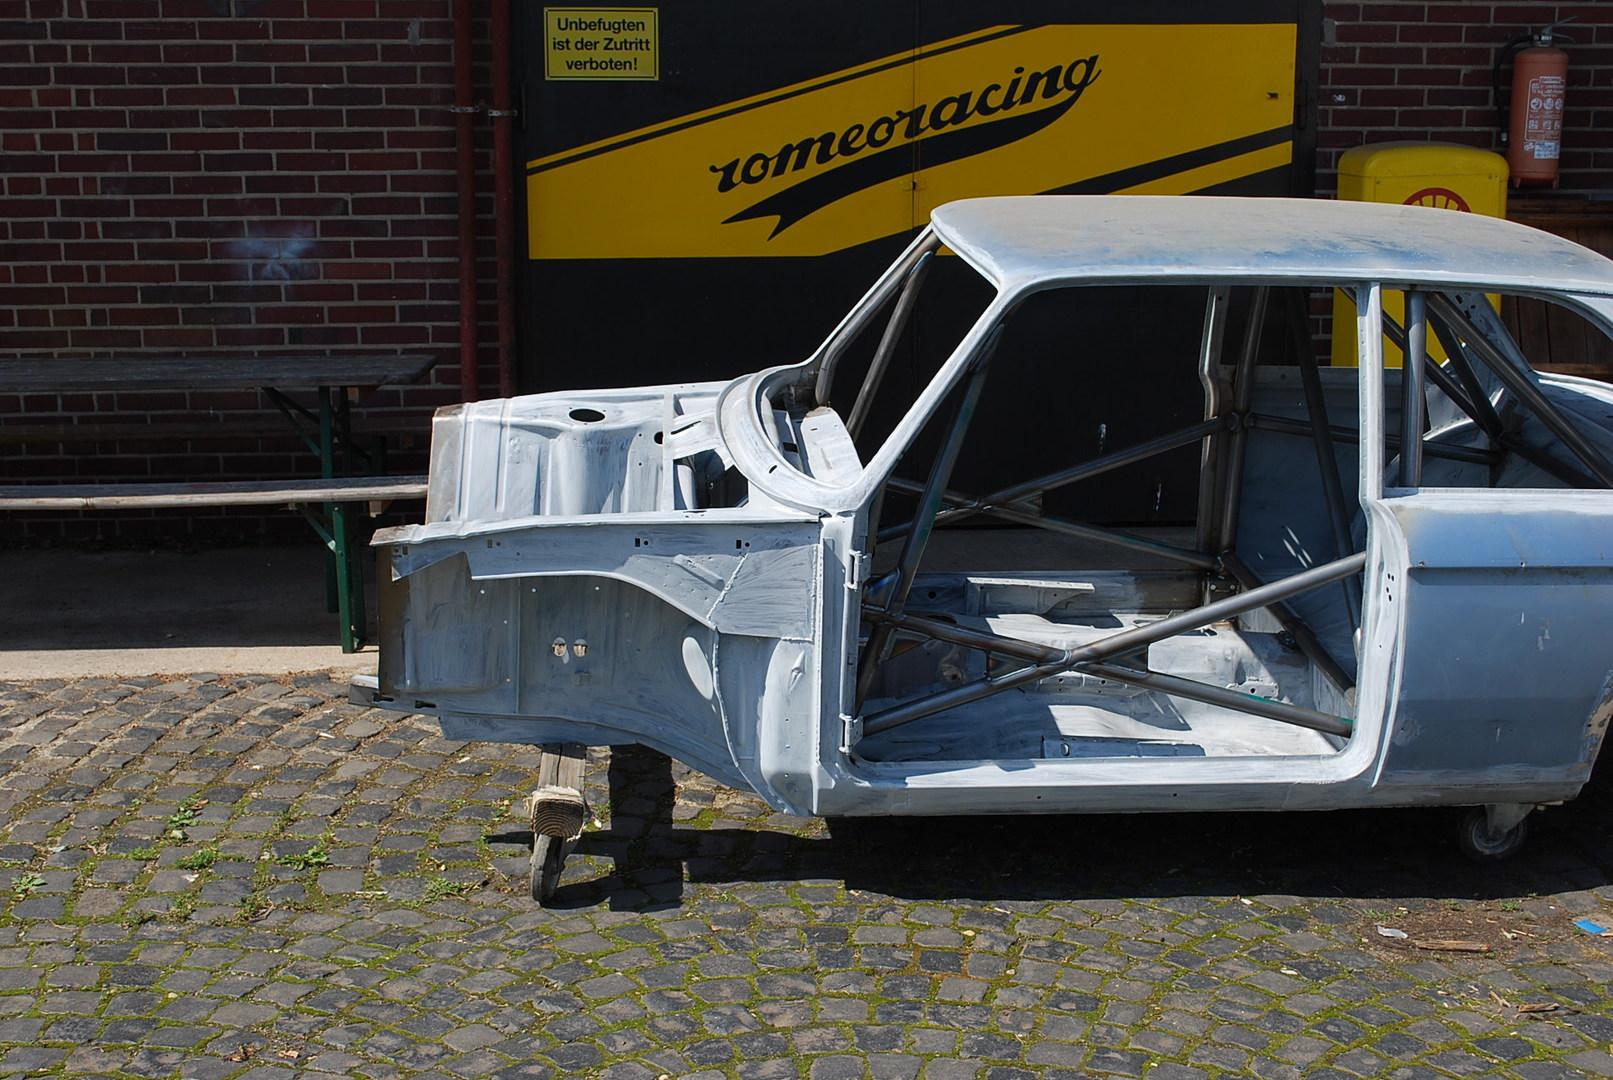 BMW E30 M3 >> historischer Motorsport, Käfigbau, dmsb, Überrollkäfig,Überrollbügel, FIA, Rennwagenvermietung ...